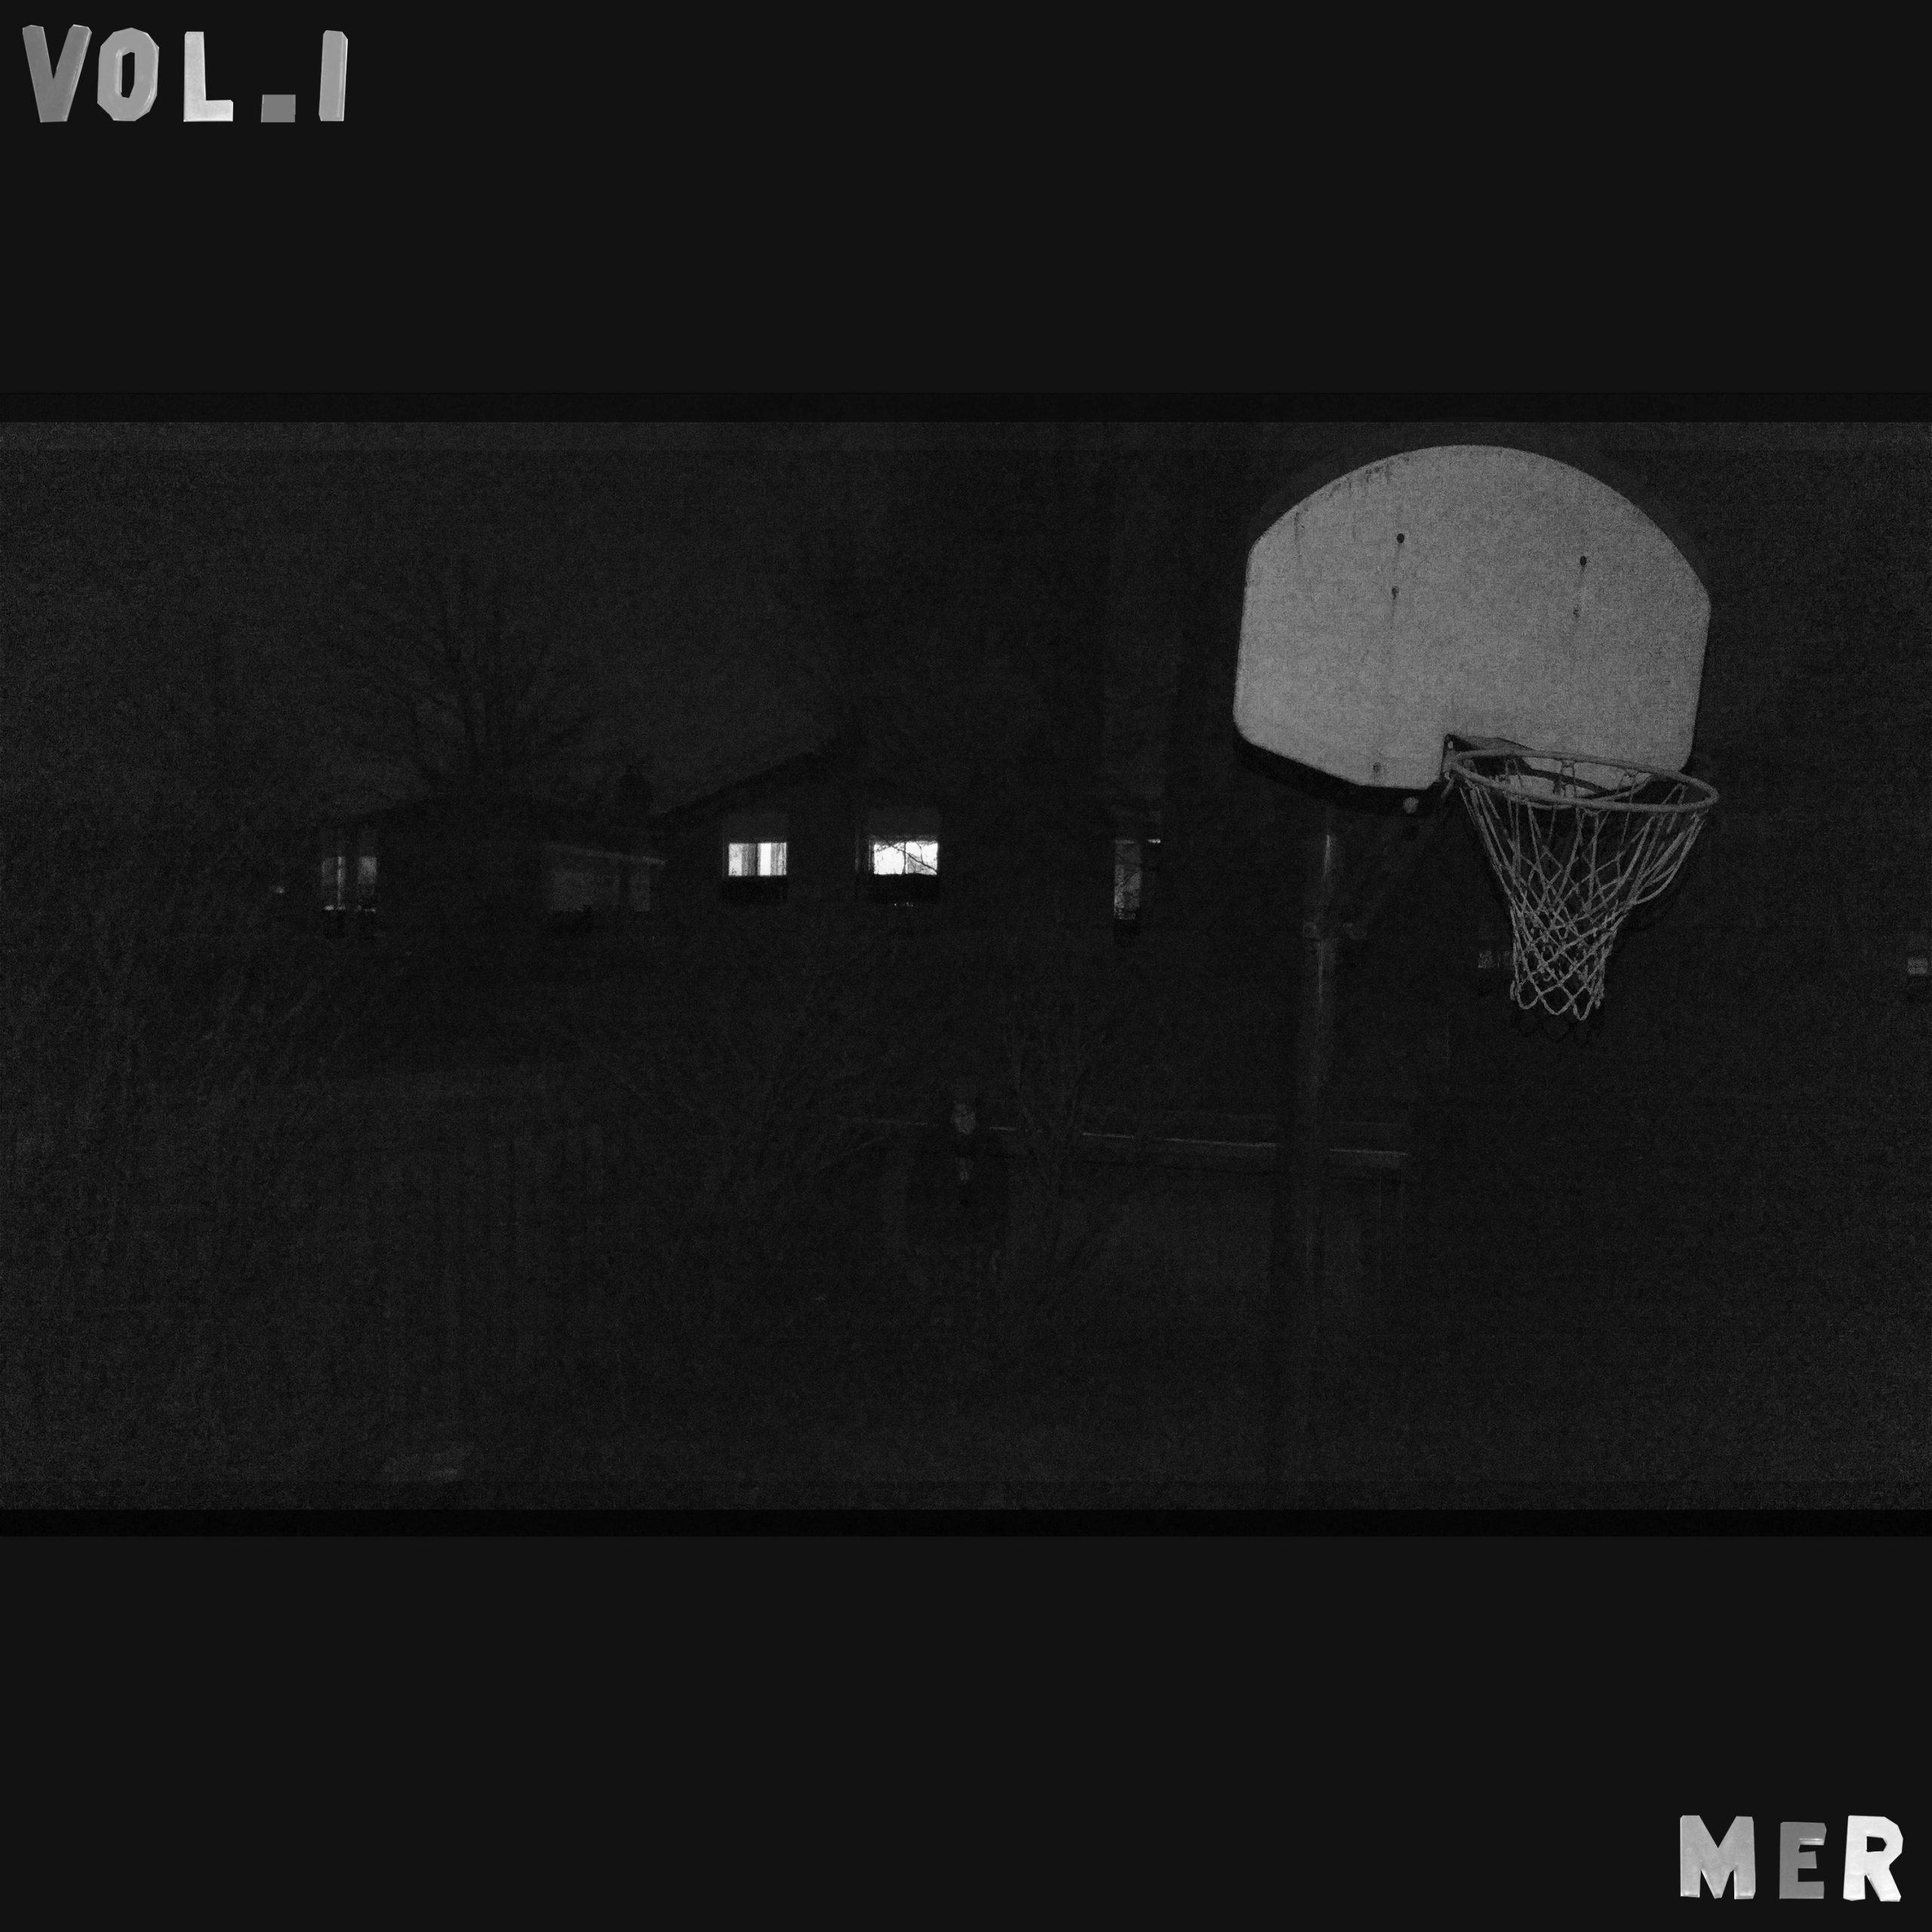 Vol.1 (MIXTAPE)